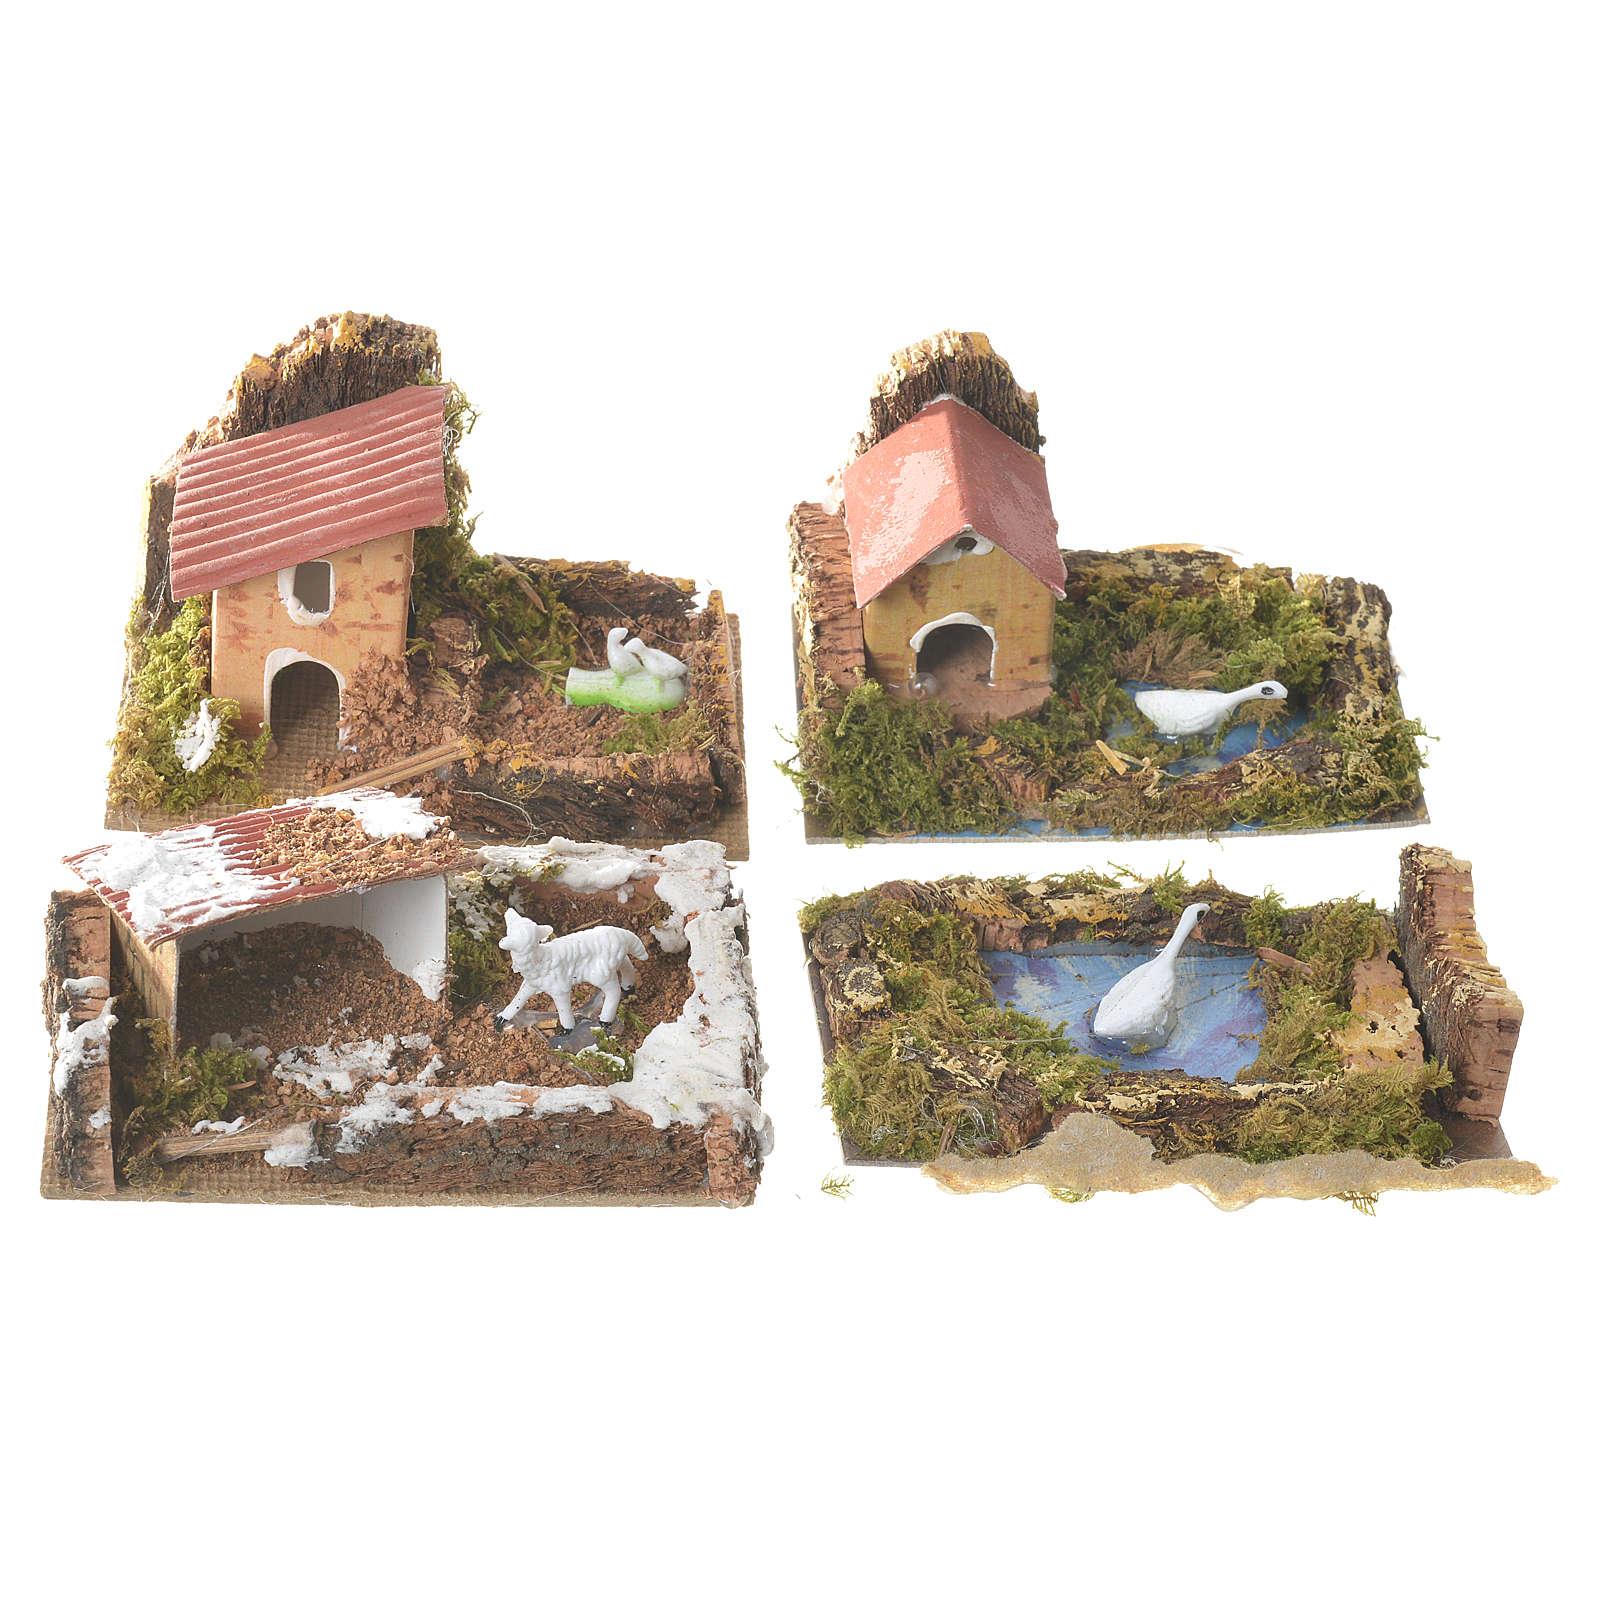 Set 12 casitas ambientadas para belén 6x10x6 cm 4